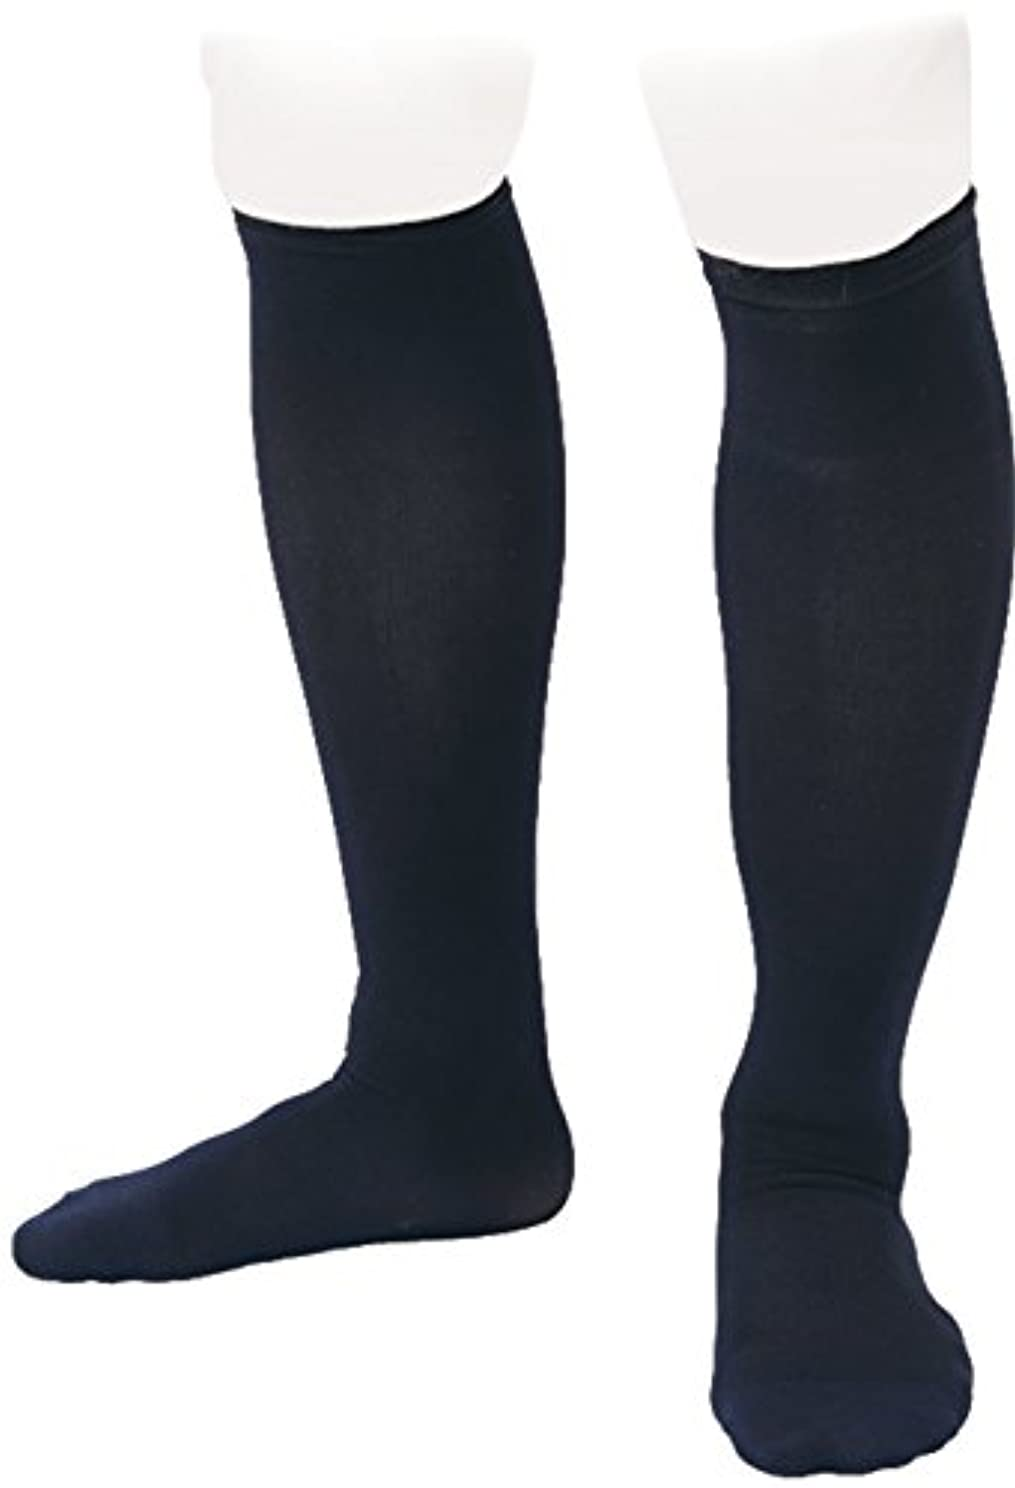 かりて発動機インサート【マッスルプロジェクト】日本企画 2足組 メンズ 加圧 ソックス 靴下 黒 ブラック (MP-CS2S) (対応サイズ:25~28cm) 引き締め 運動効果 (新日本プロレス) 棚橋選手 オススメ